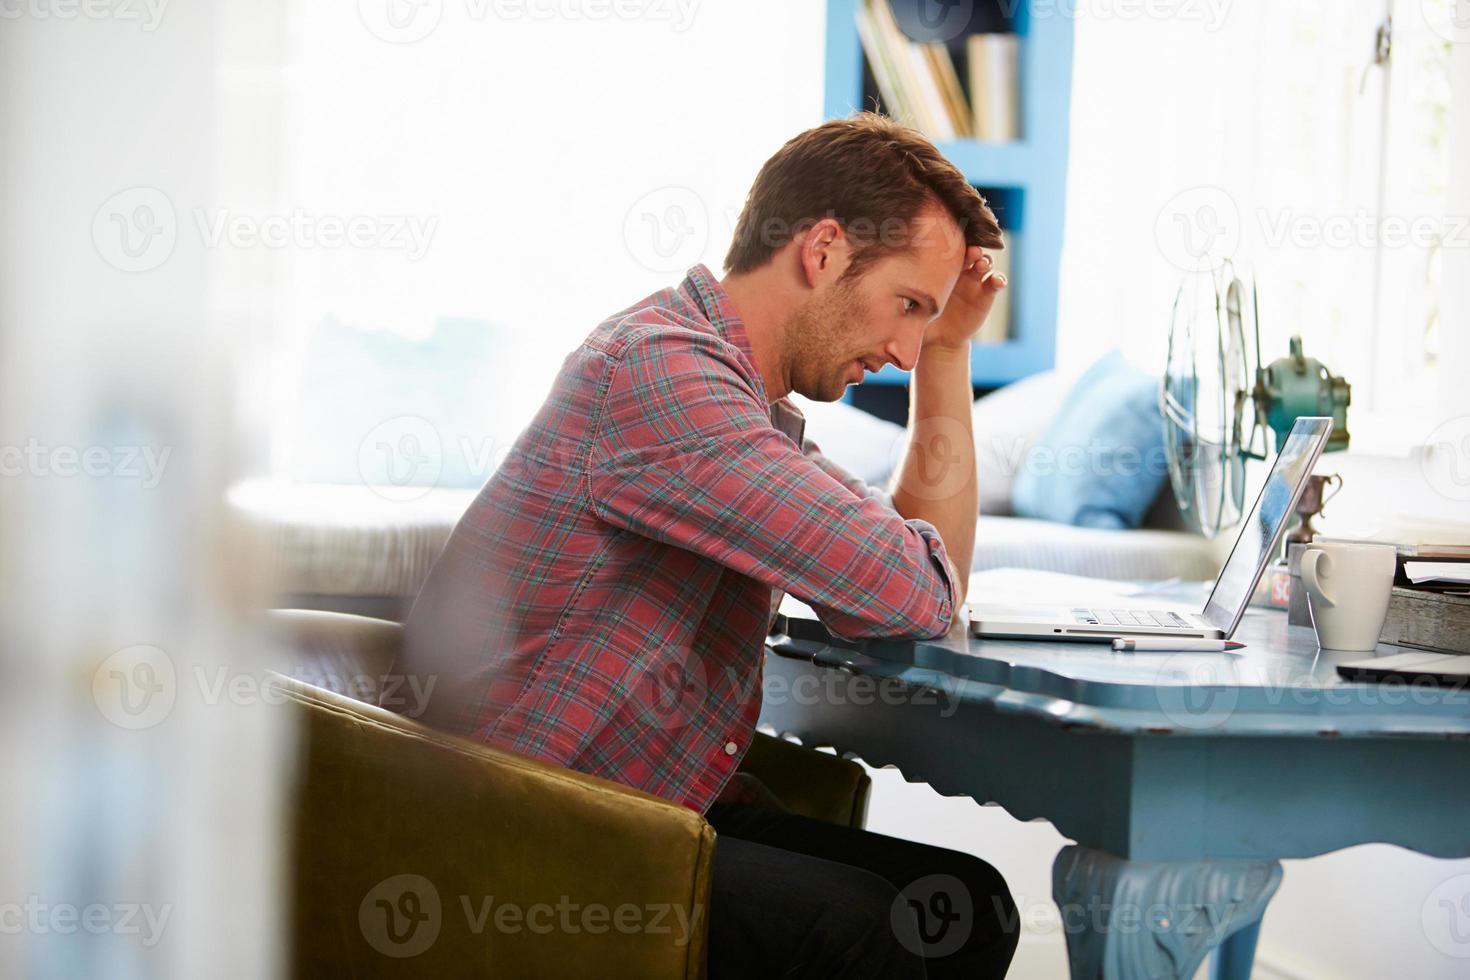 gestresster Mann am Schreibtisch im Heimbüro mit Laptop foto